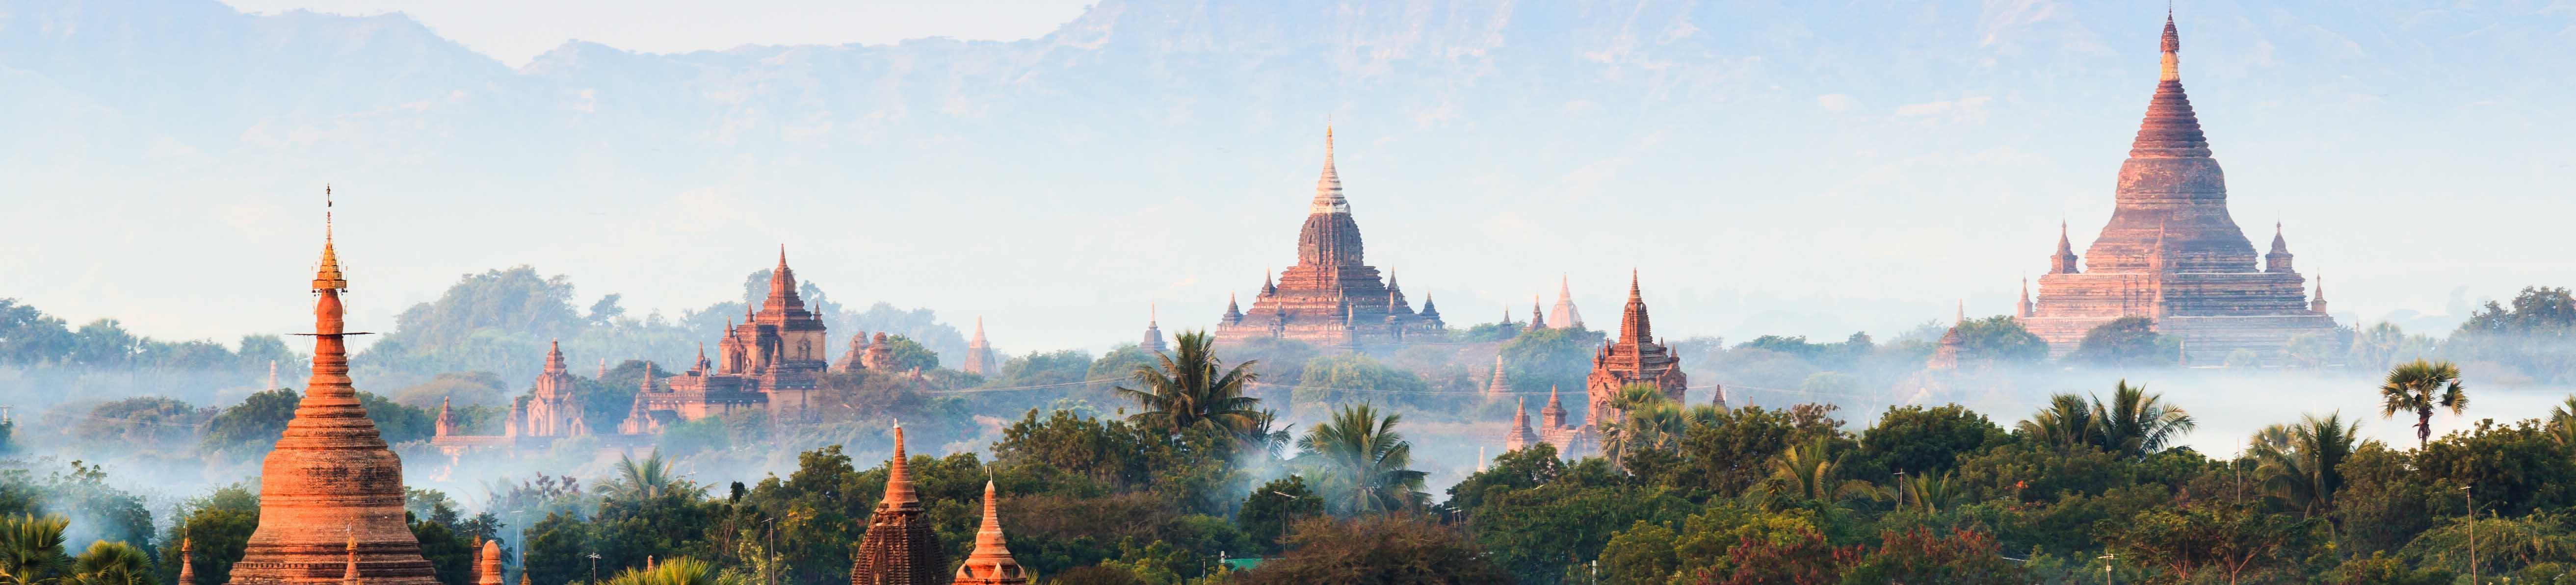 Birmanie tourisme